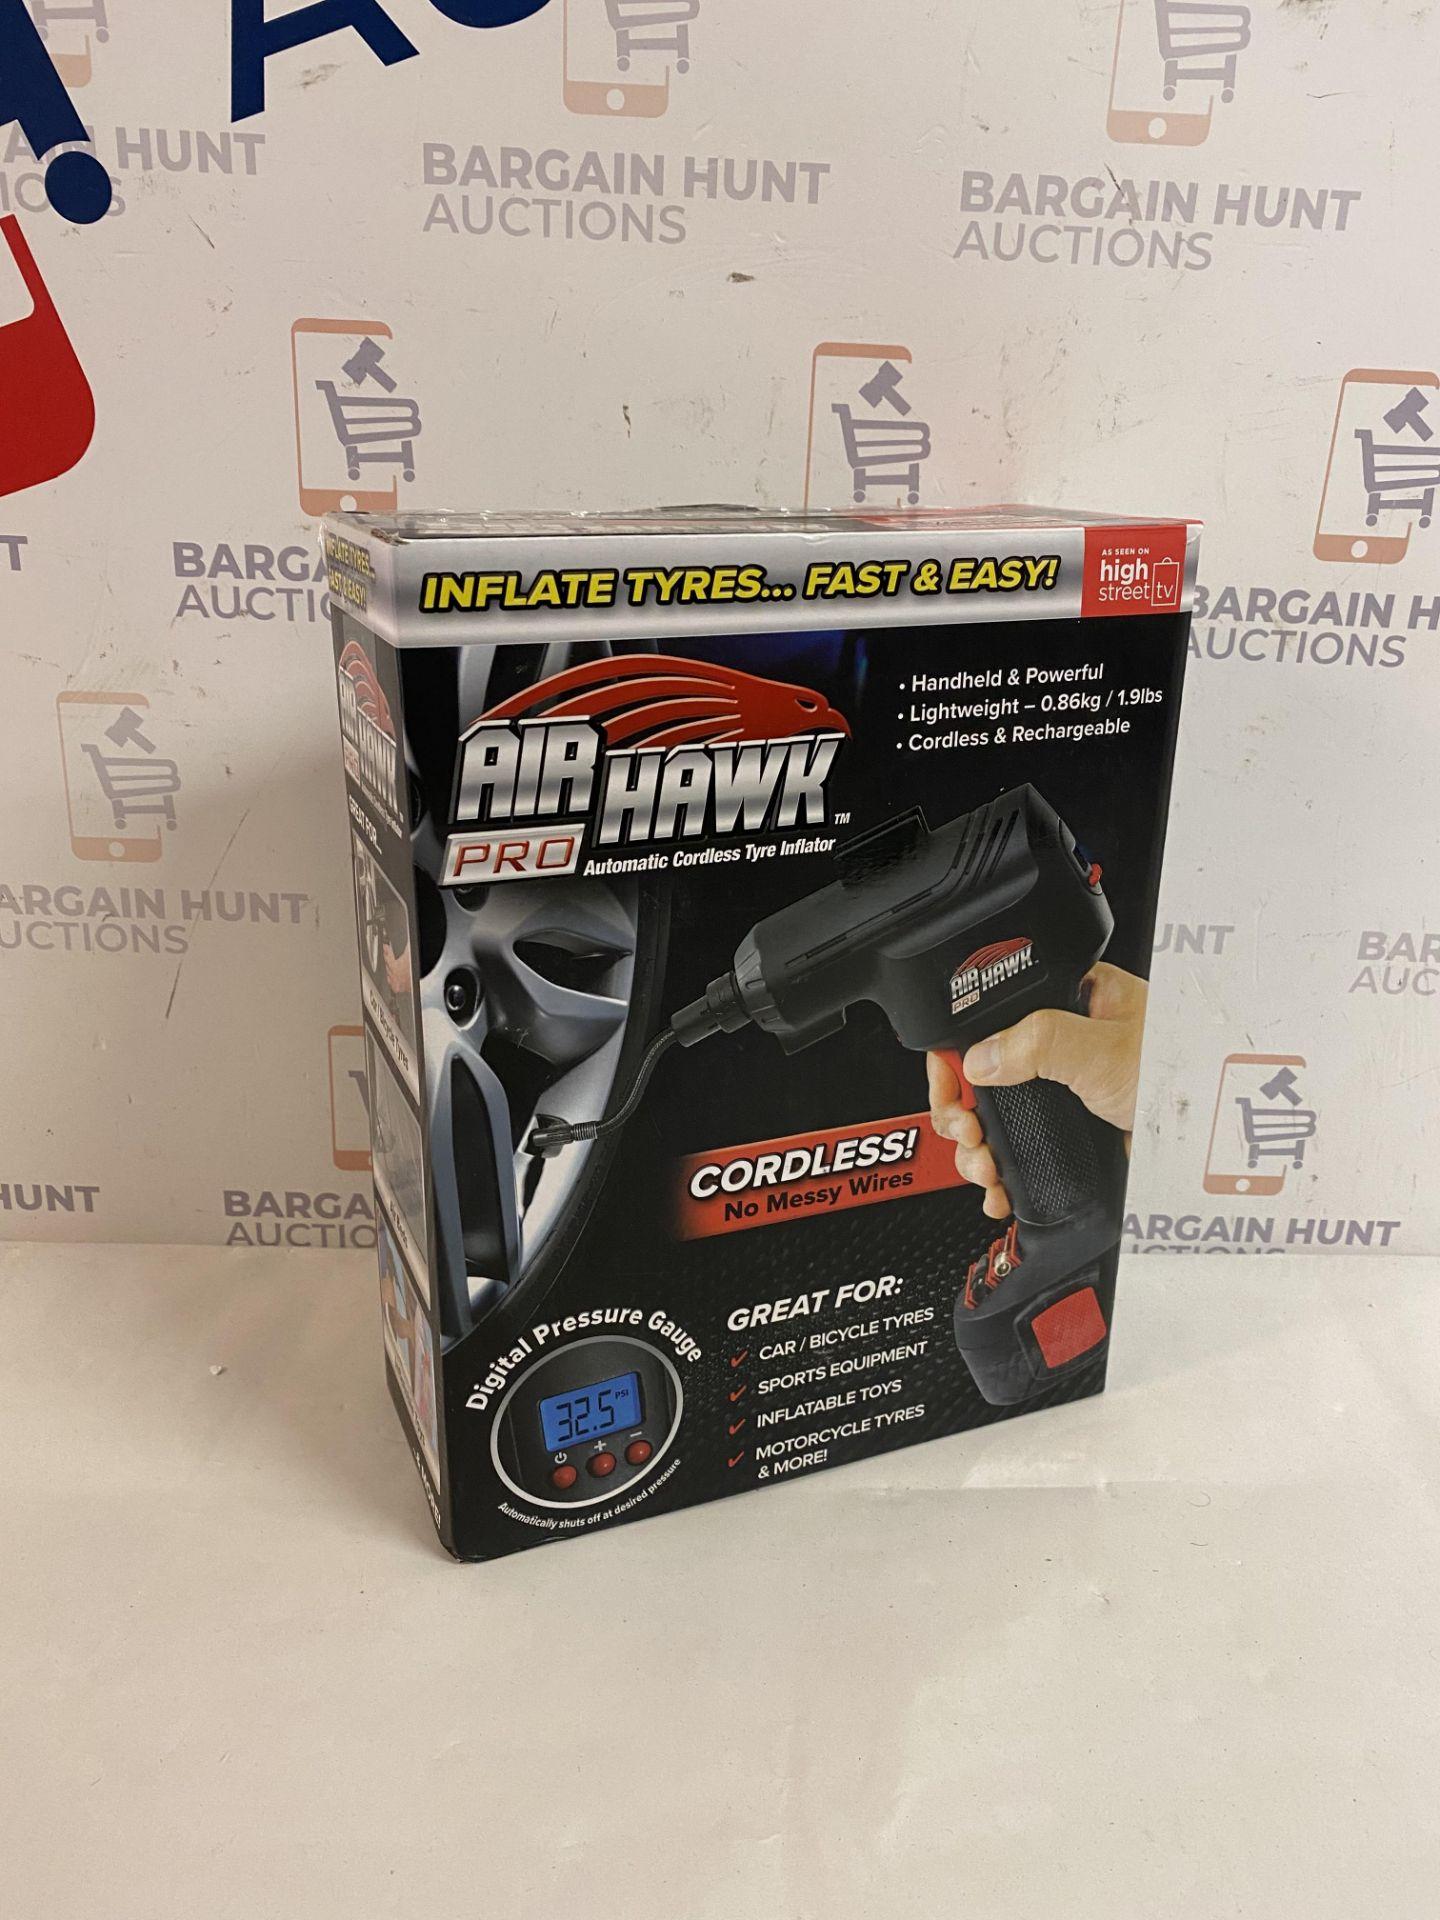 | 1x | Air Hawk Pro Compressor | Refurbished | No Online Resale | SKU 5060191466837 | RRP £49.99 |